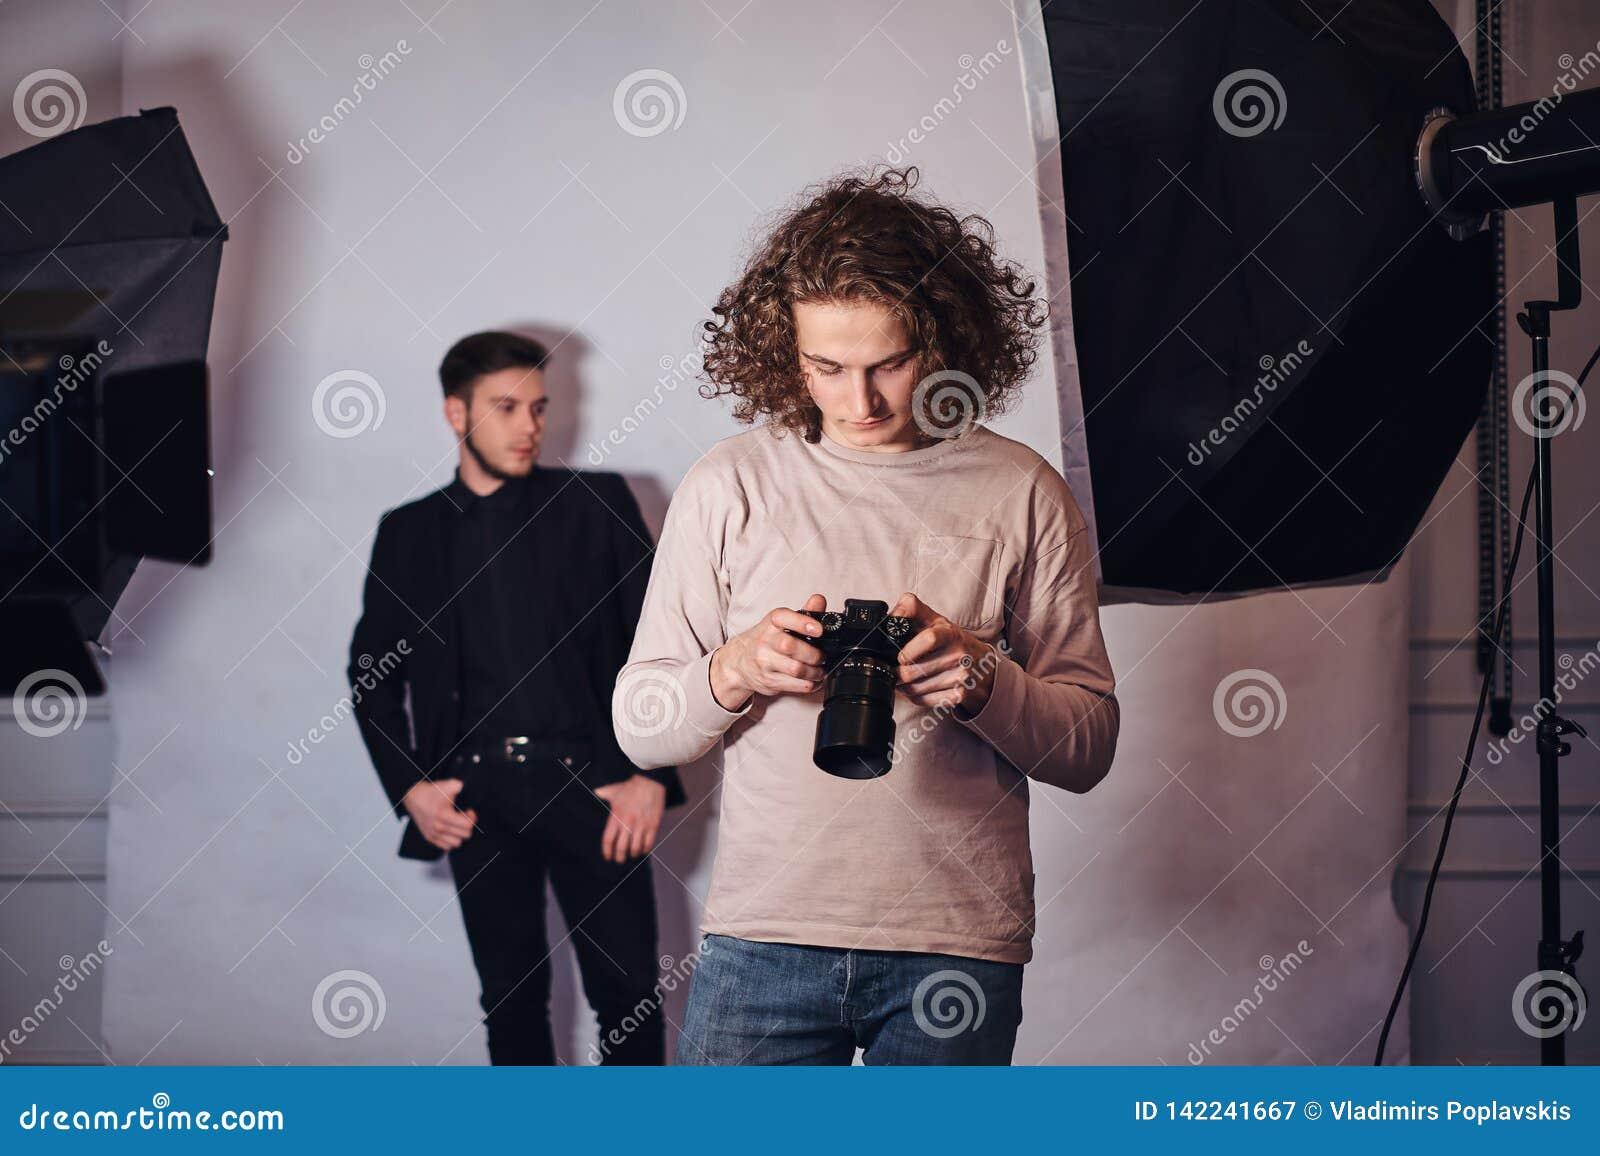 Beginnerfotograaf bij een fotospruit in een studio met een elegant geklede kerel